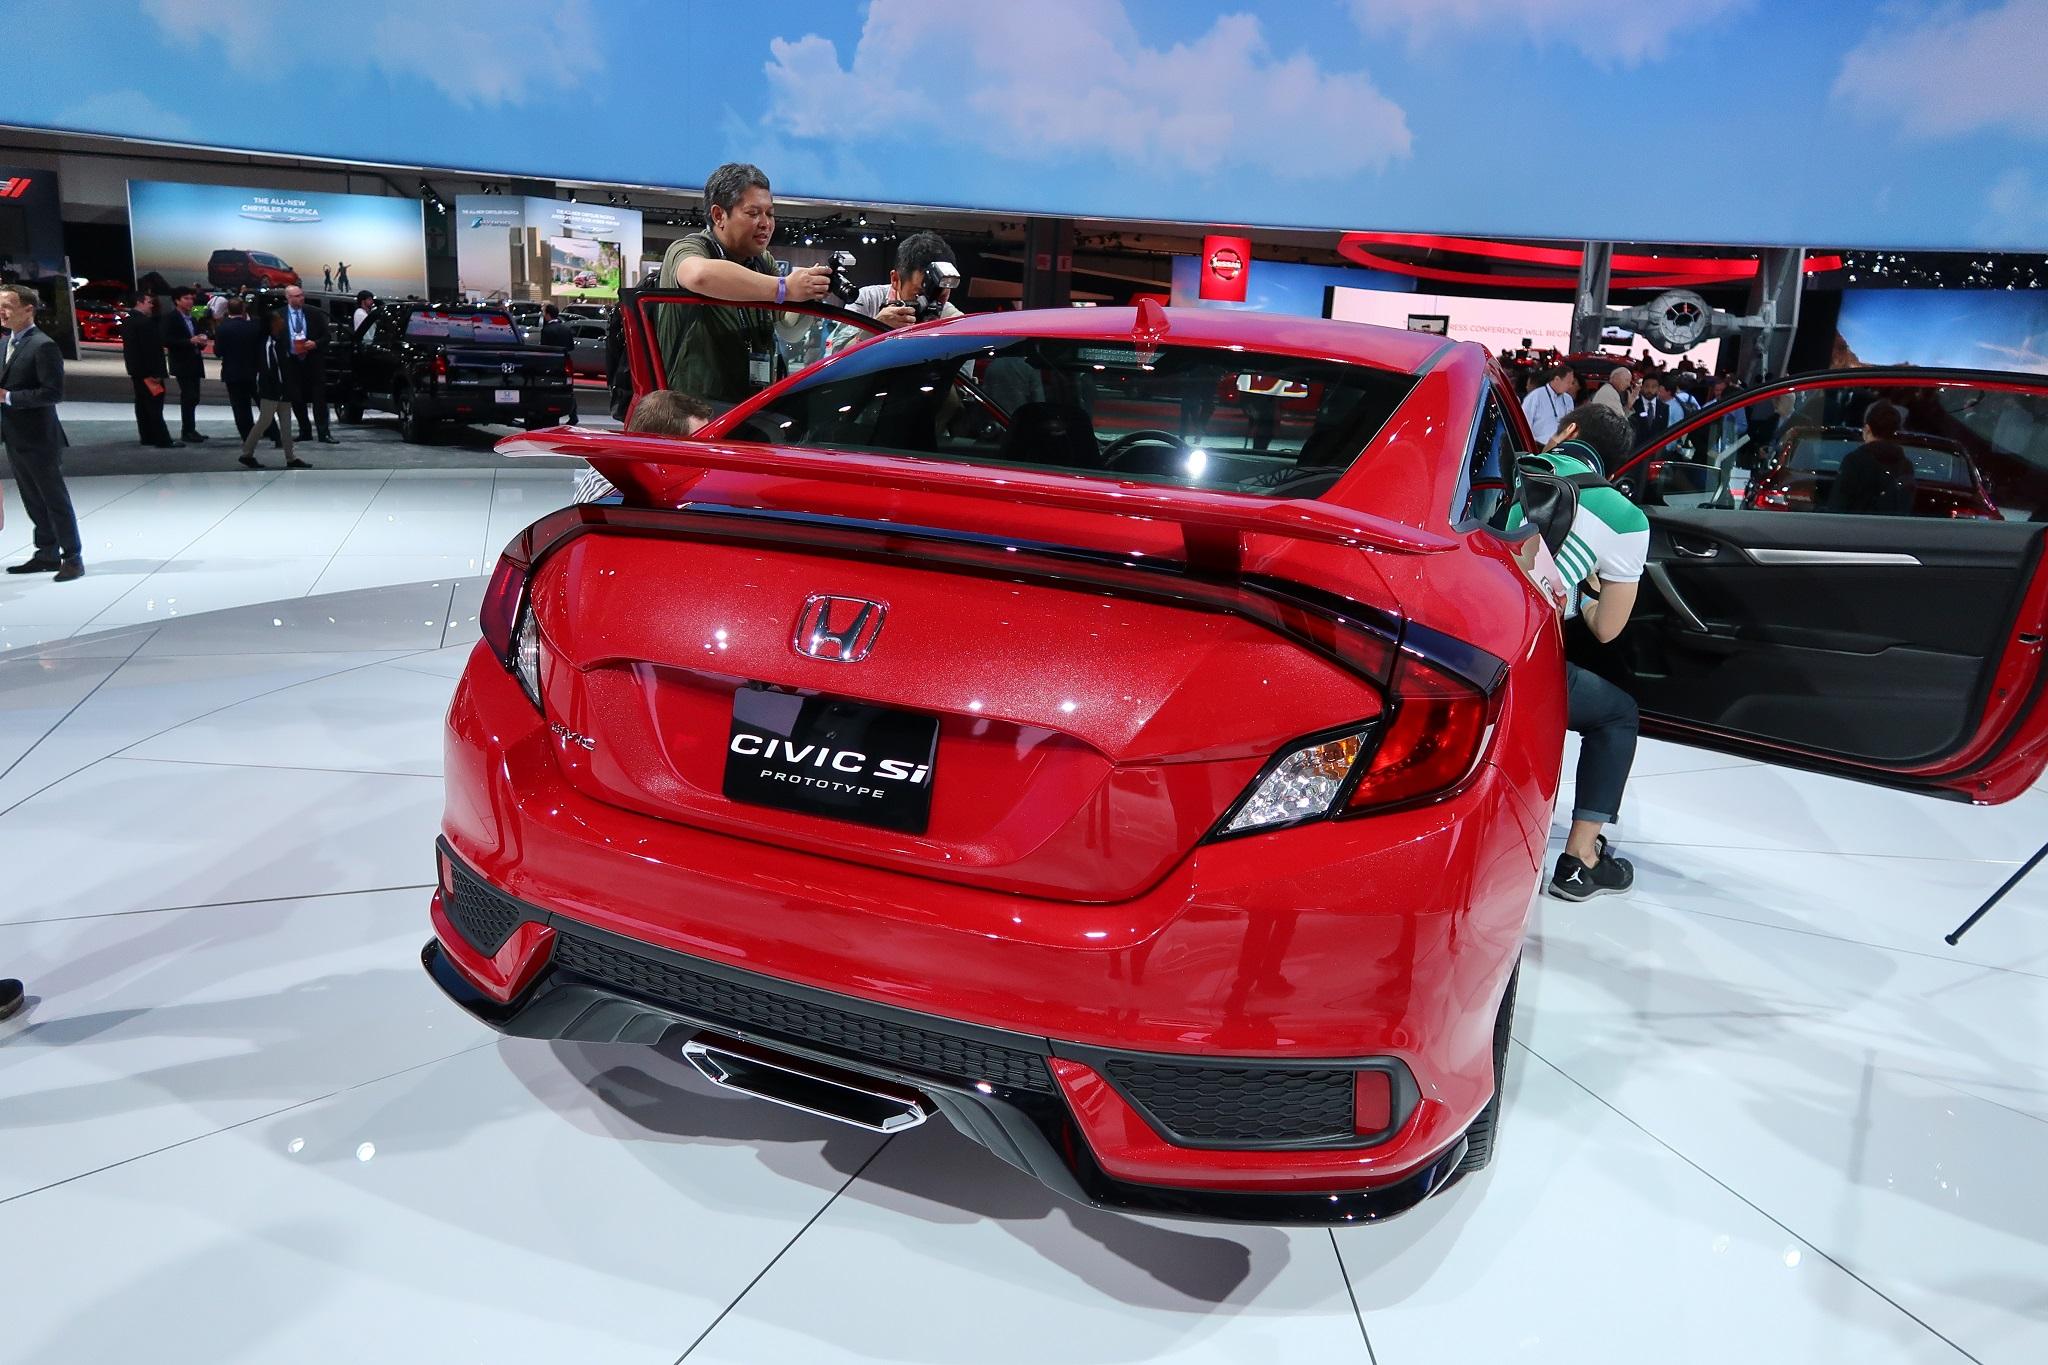 Si Civic Coupe Honda Used